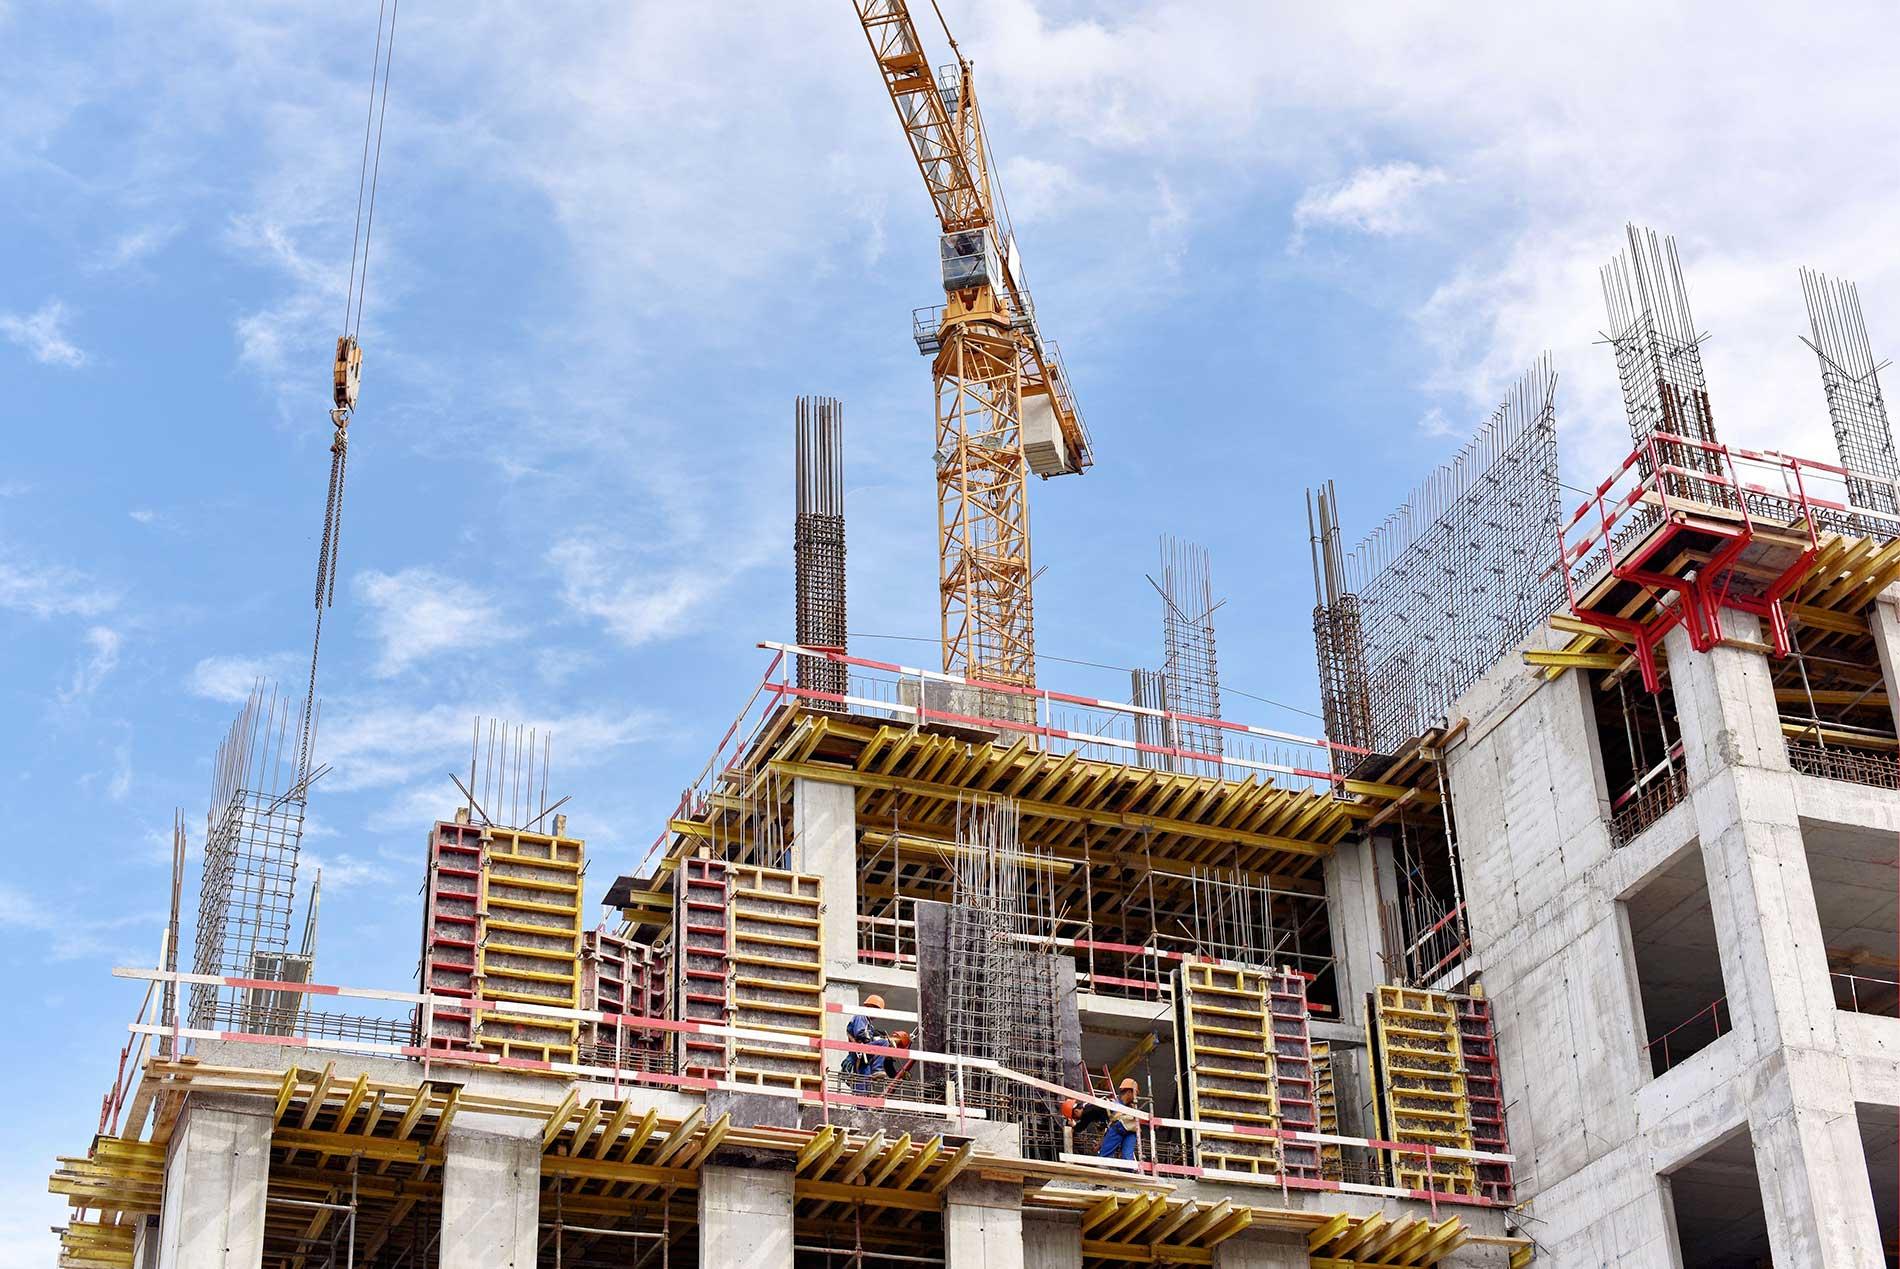 Achat immobilier : faut-il investir dans le neuf ?